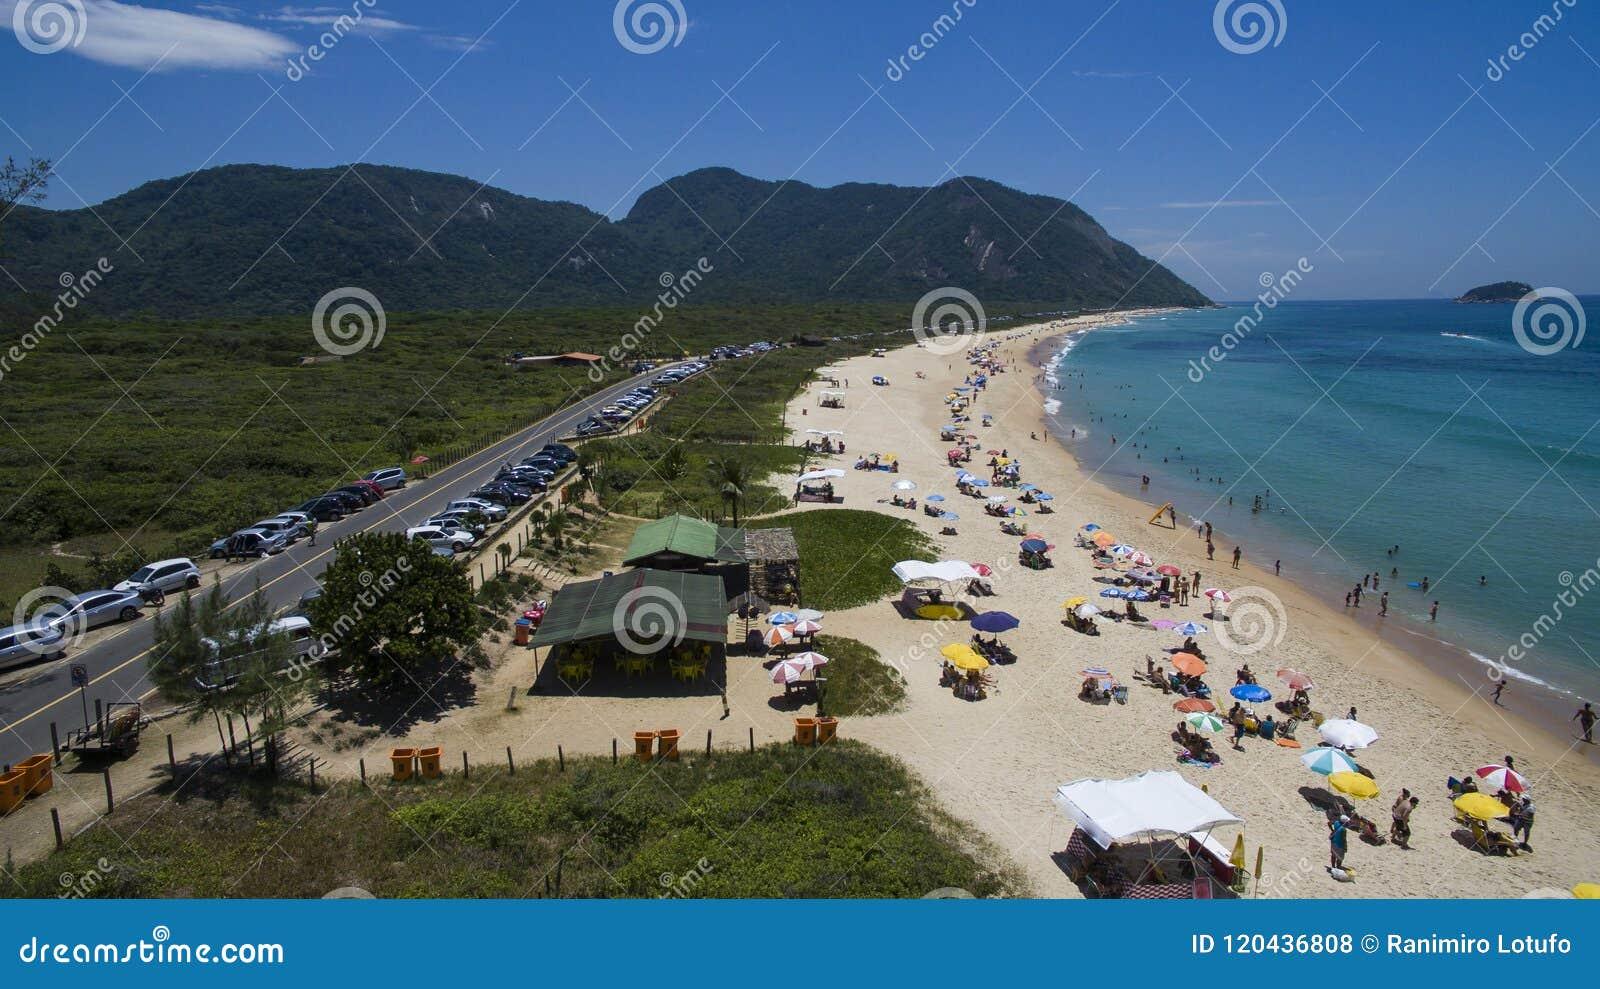 Paradisstrand, härlig strand, underbara stränder runt om världen, Grumari strand, Rio de Janeiro, Brasilien, Sydamerika Brasilien